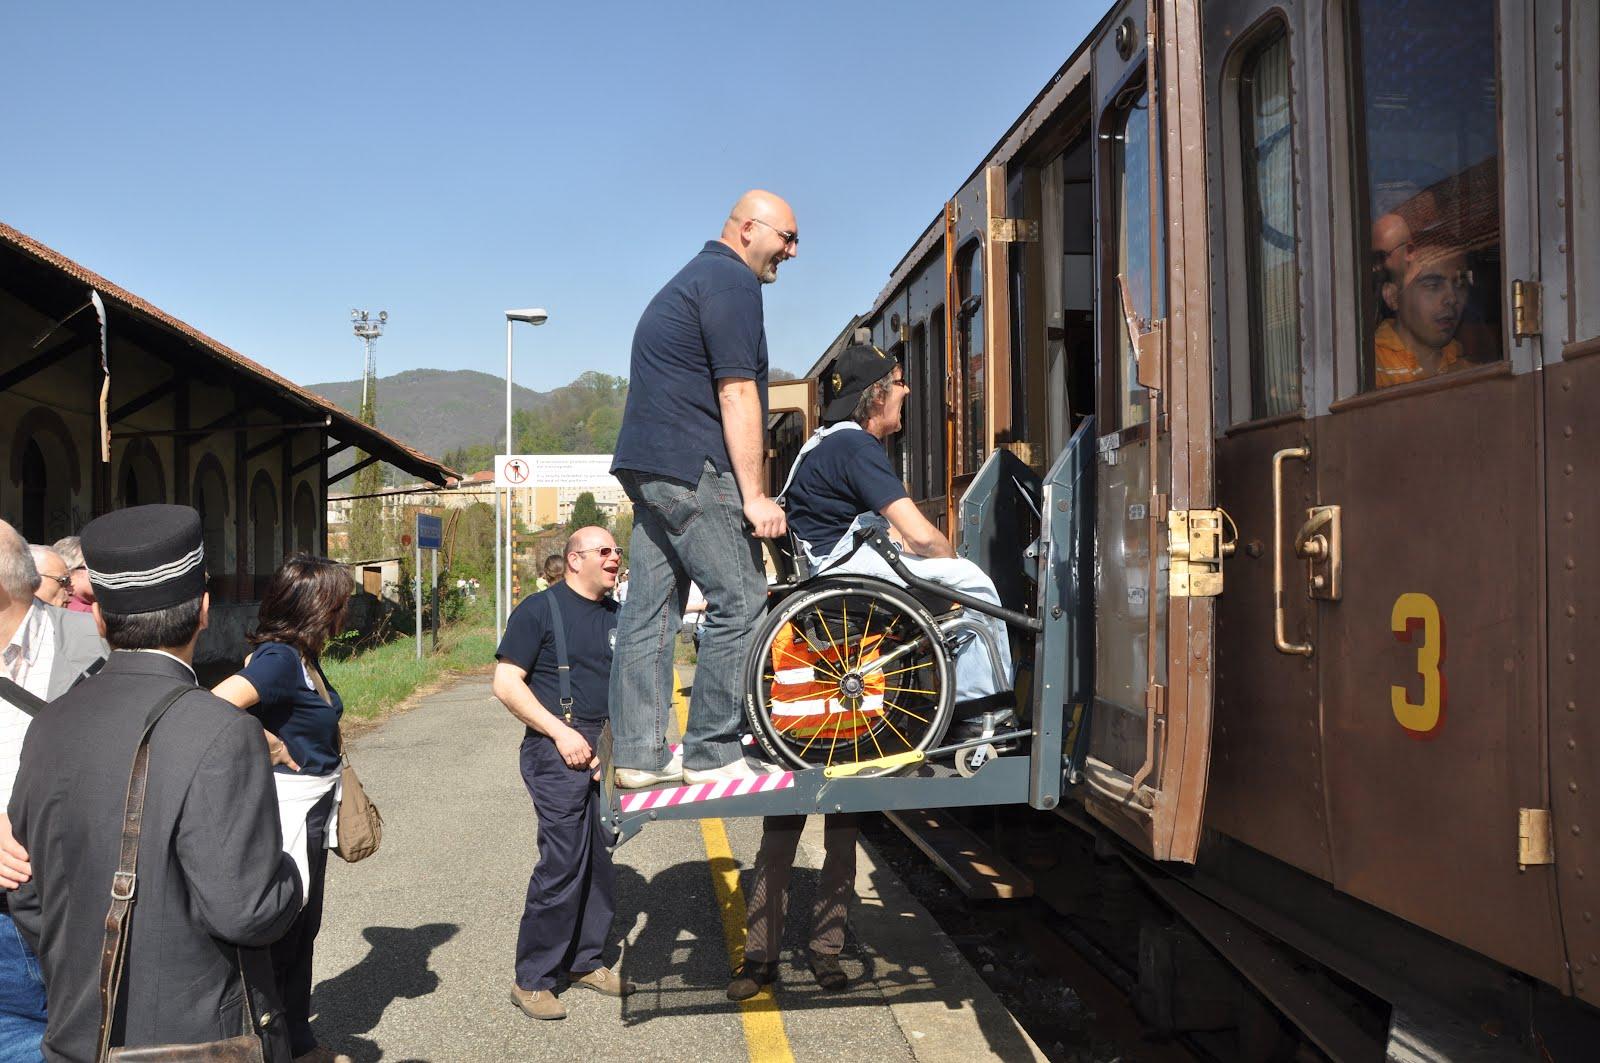 CLICK HERE UNDER'-Treni speciali trasporto malati verso Lourdes'